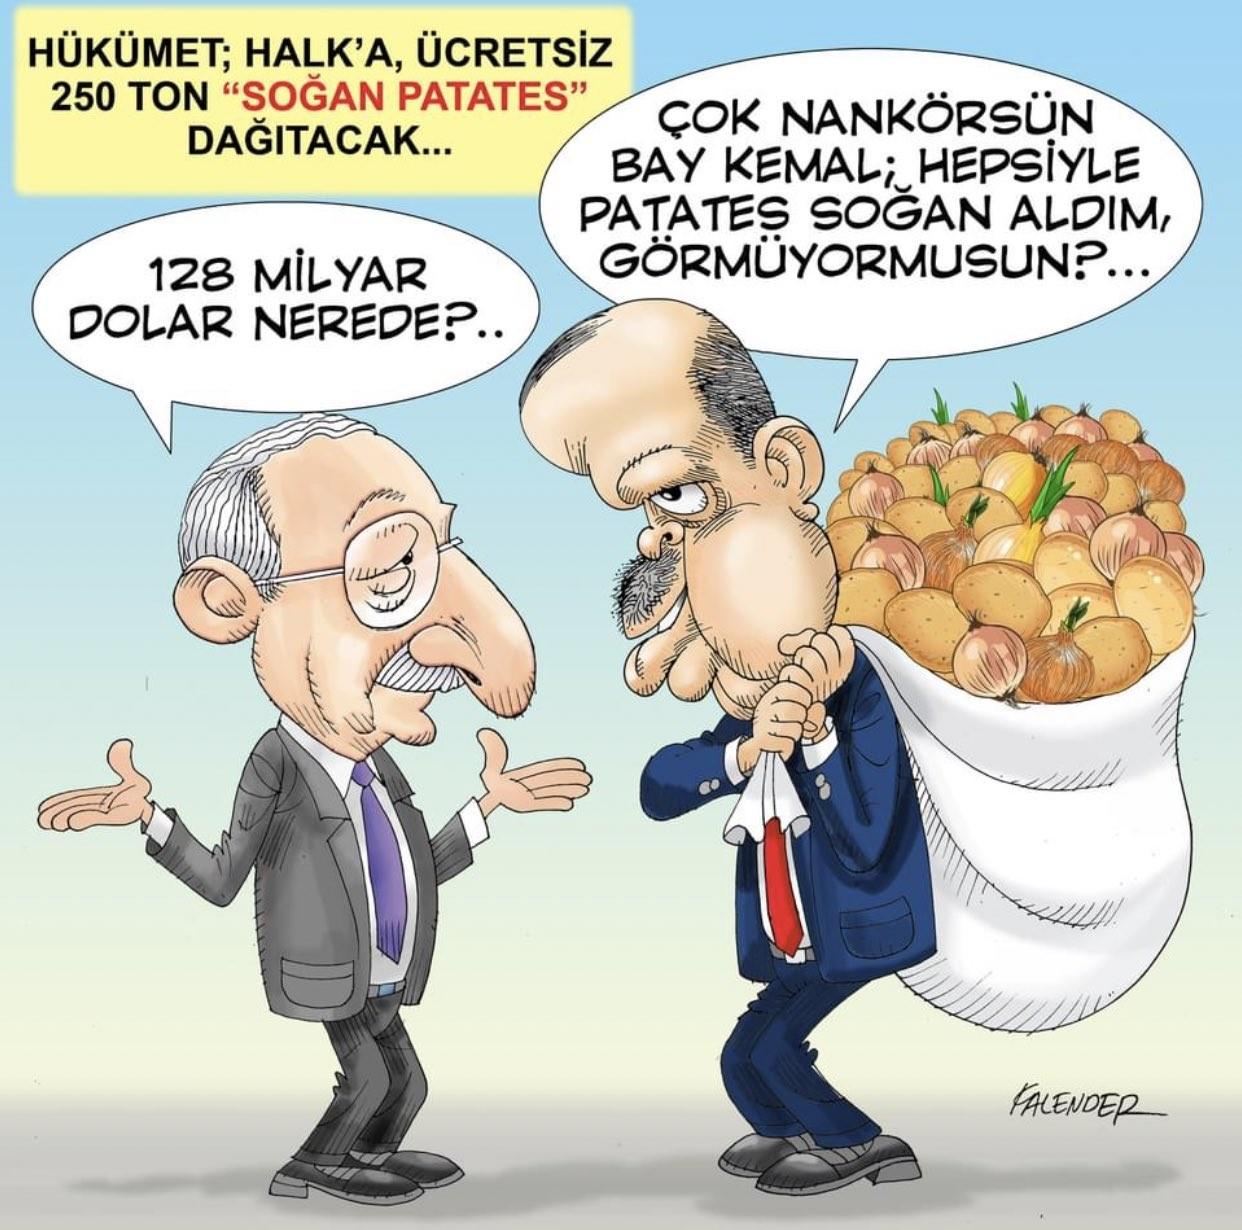 Erdoğan 128 milyar dolar harcadı nasıl budur!